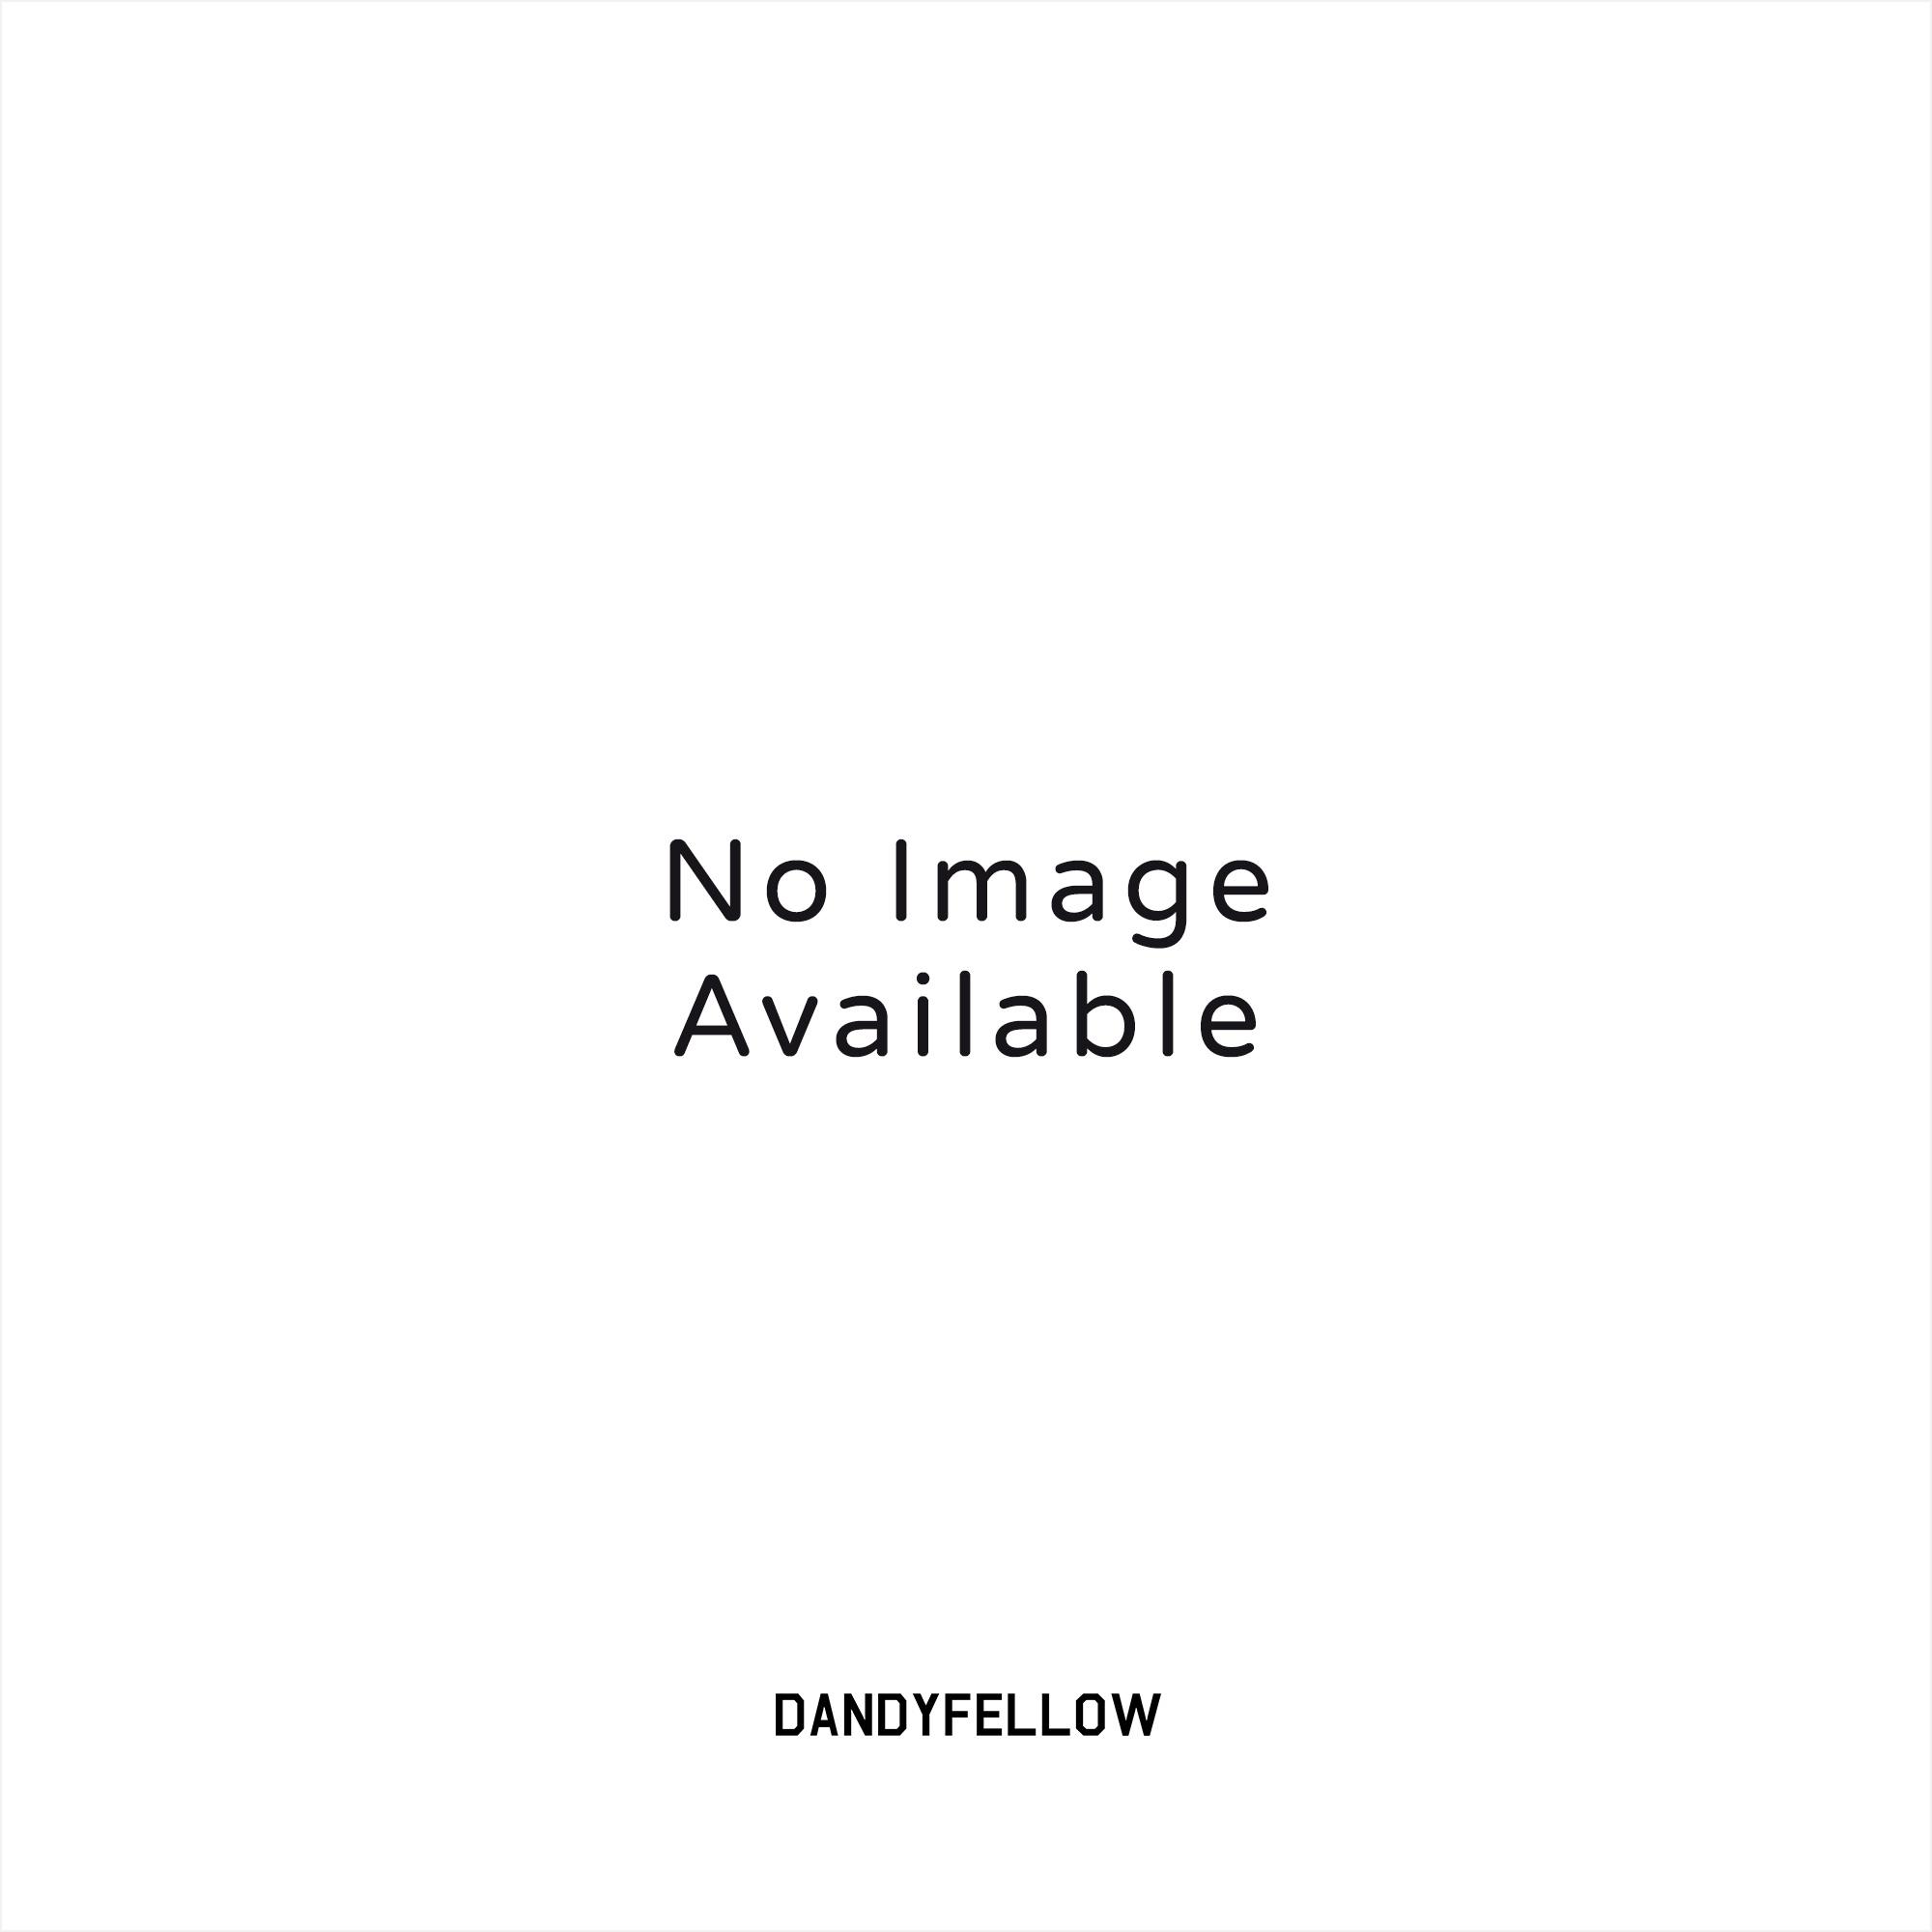 5217150c55fb7 Adidas Originals Deerupt Runner (White   Ash Pearl) at Dandy Fellow